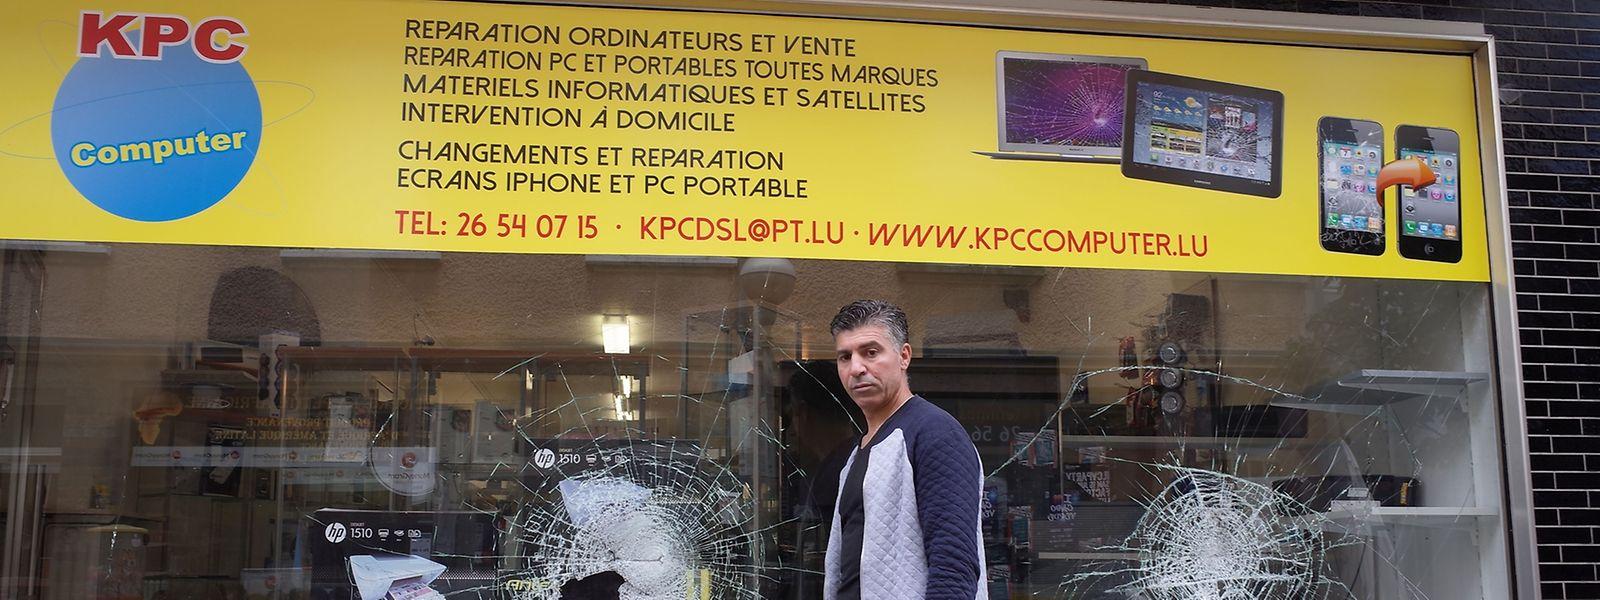 Nicht zu übersehen sind die Einschläge im Schaufenster von Abdennabi Khaidar.